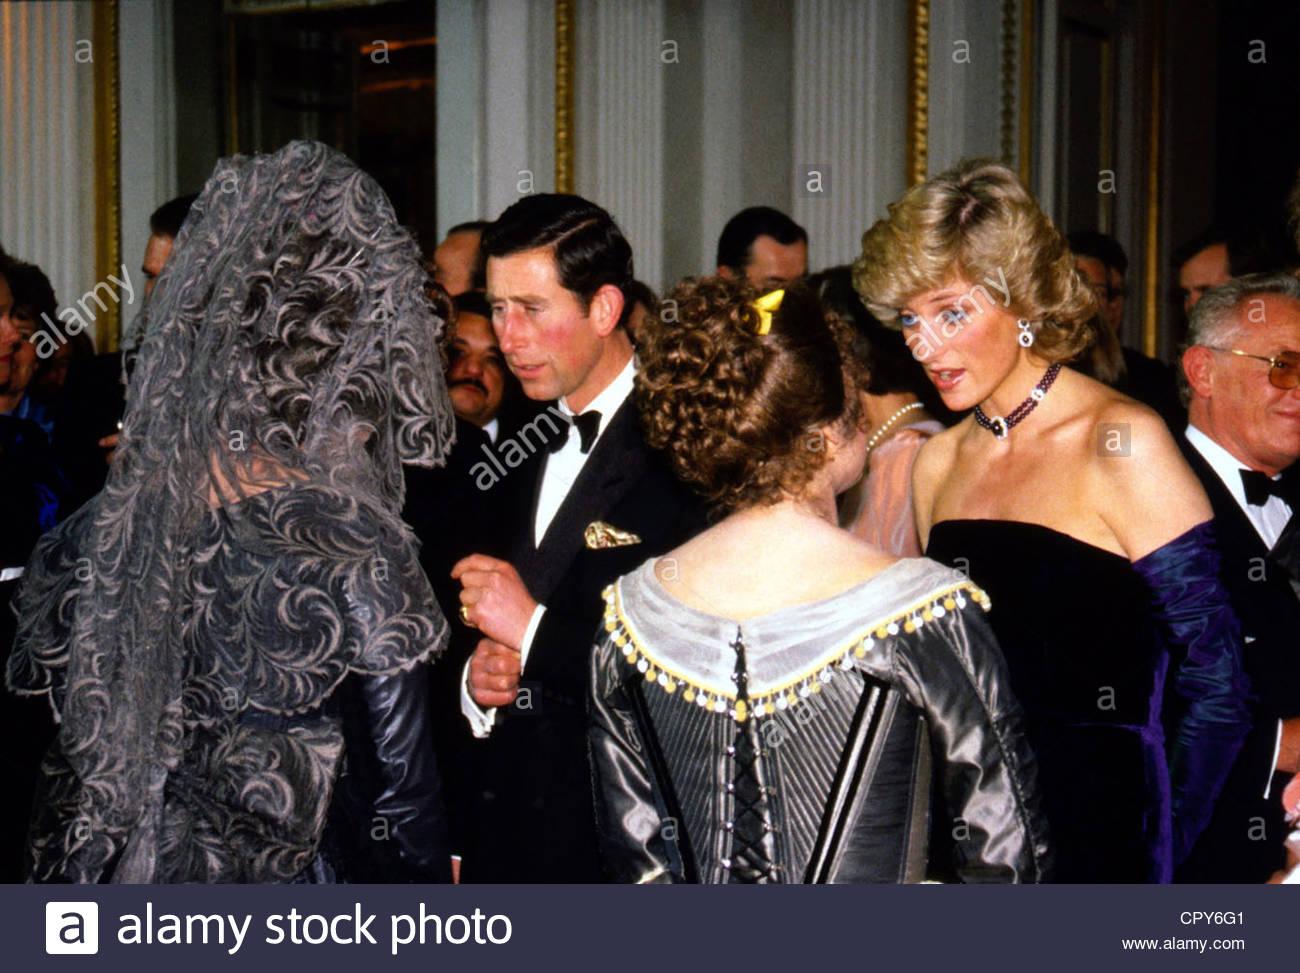 Diana, 1.7.1961 - 31.8.1997, Prinzessin von Wales, halbe Länge mit Prinz Charles, im Rahmen eines Empfangs Stockbild